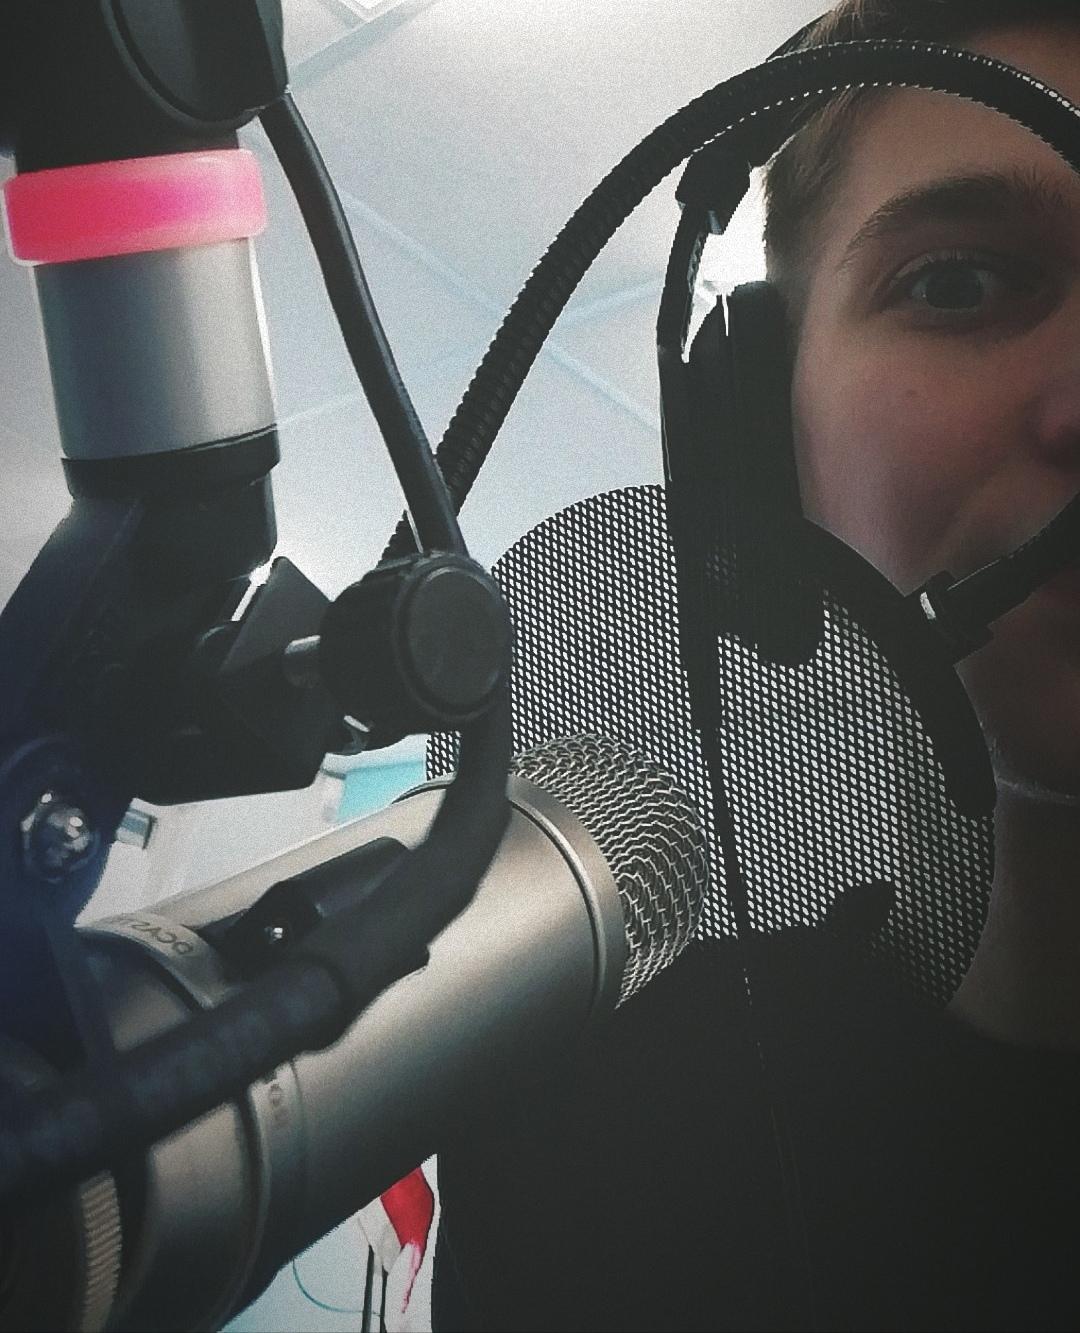 Foto 2 - Radio e giovani. 1^ puntata. Maikel Van Duinen: La Radio non è un device, è contenuto e brand